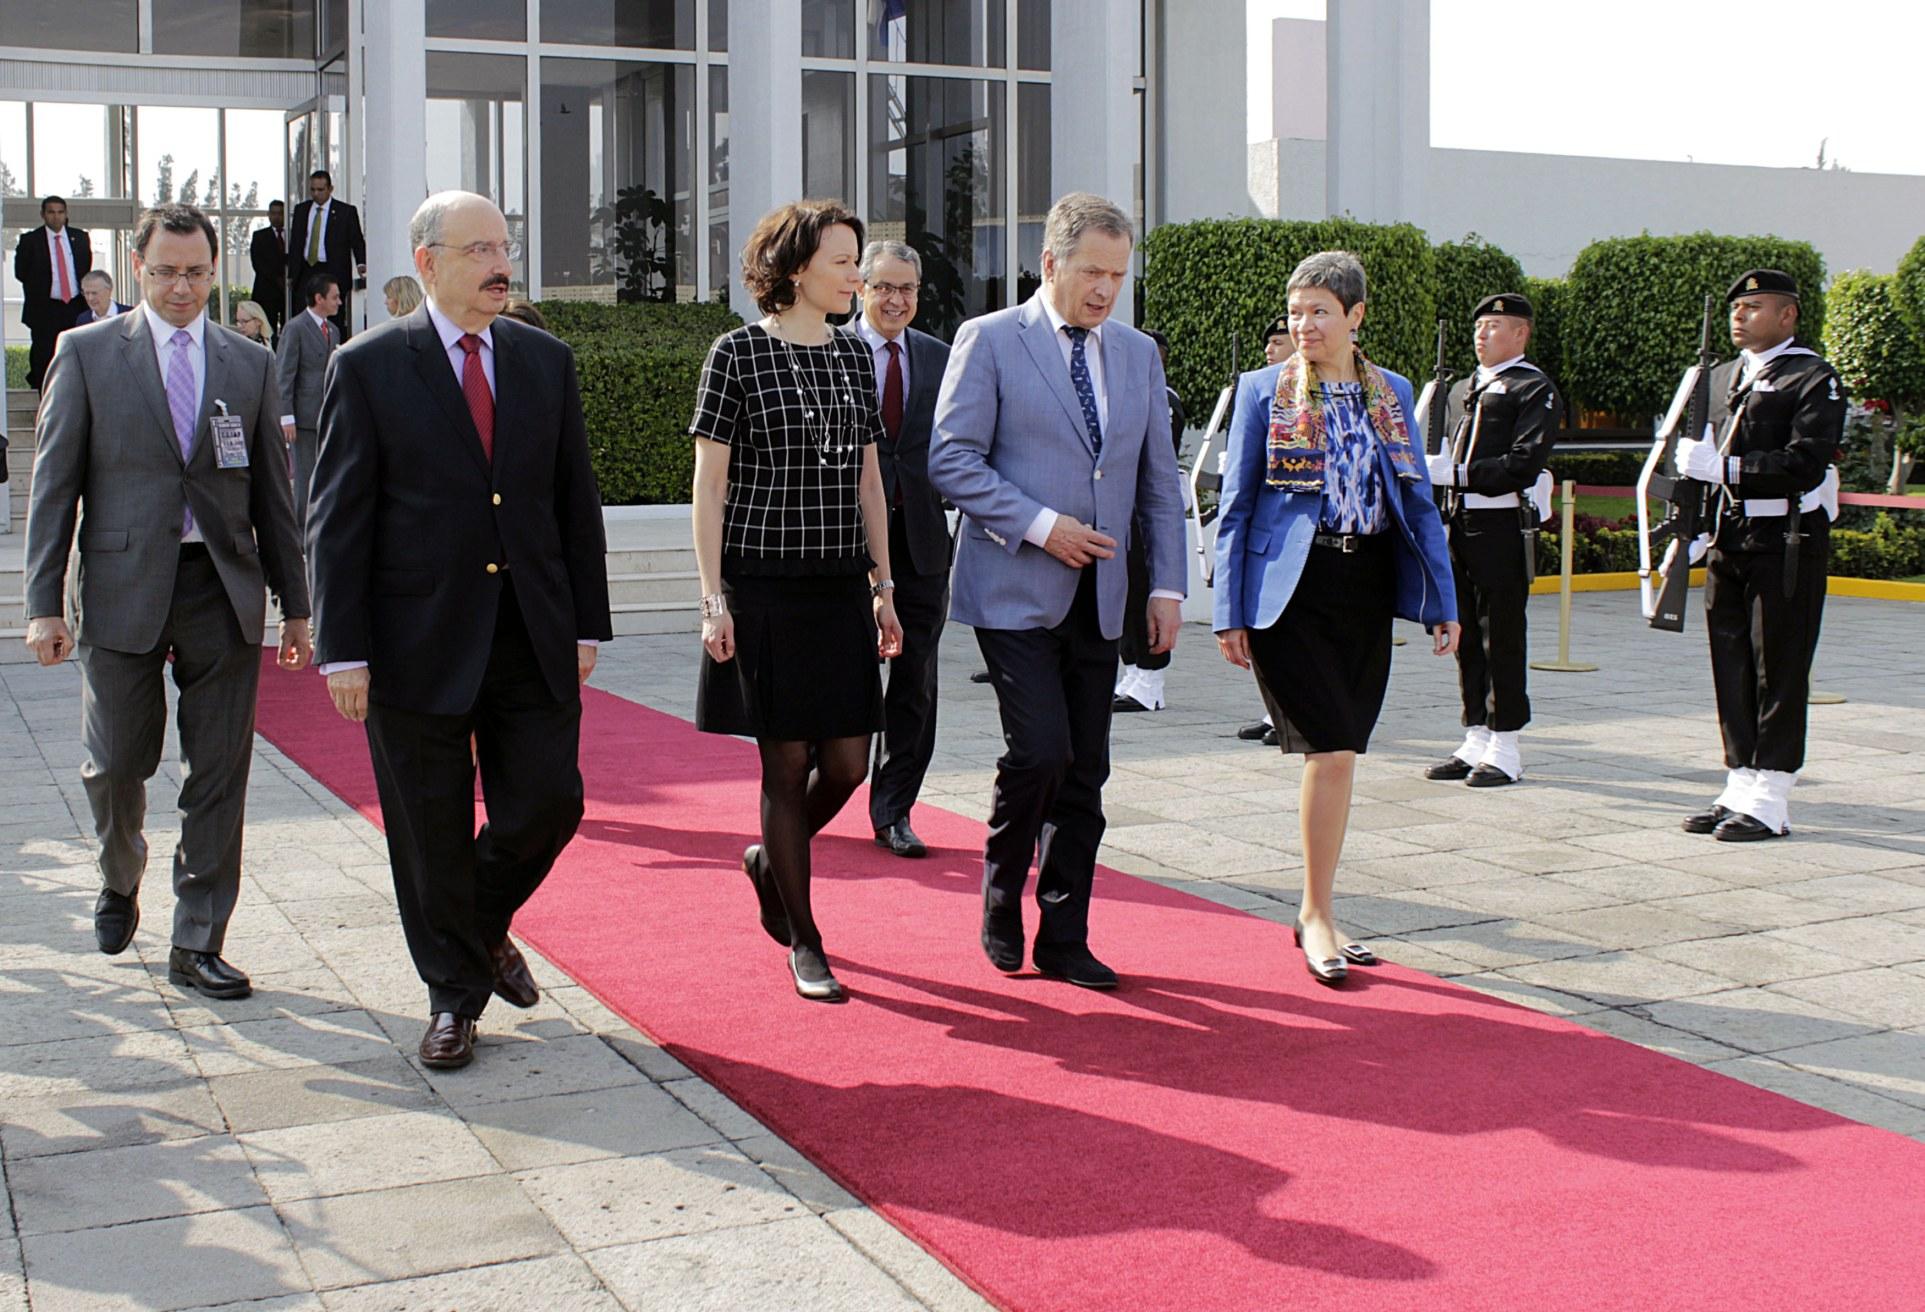 FOTO 1 Despedida presidente de Finlandia  Sauli Niinist jpg